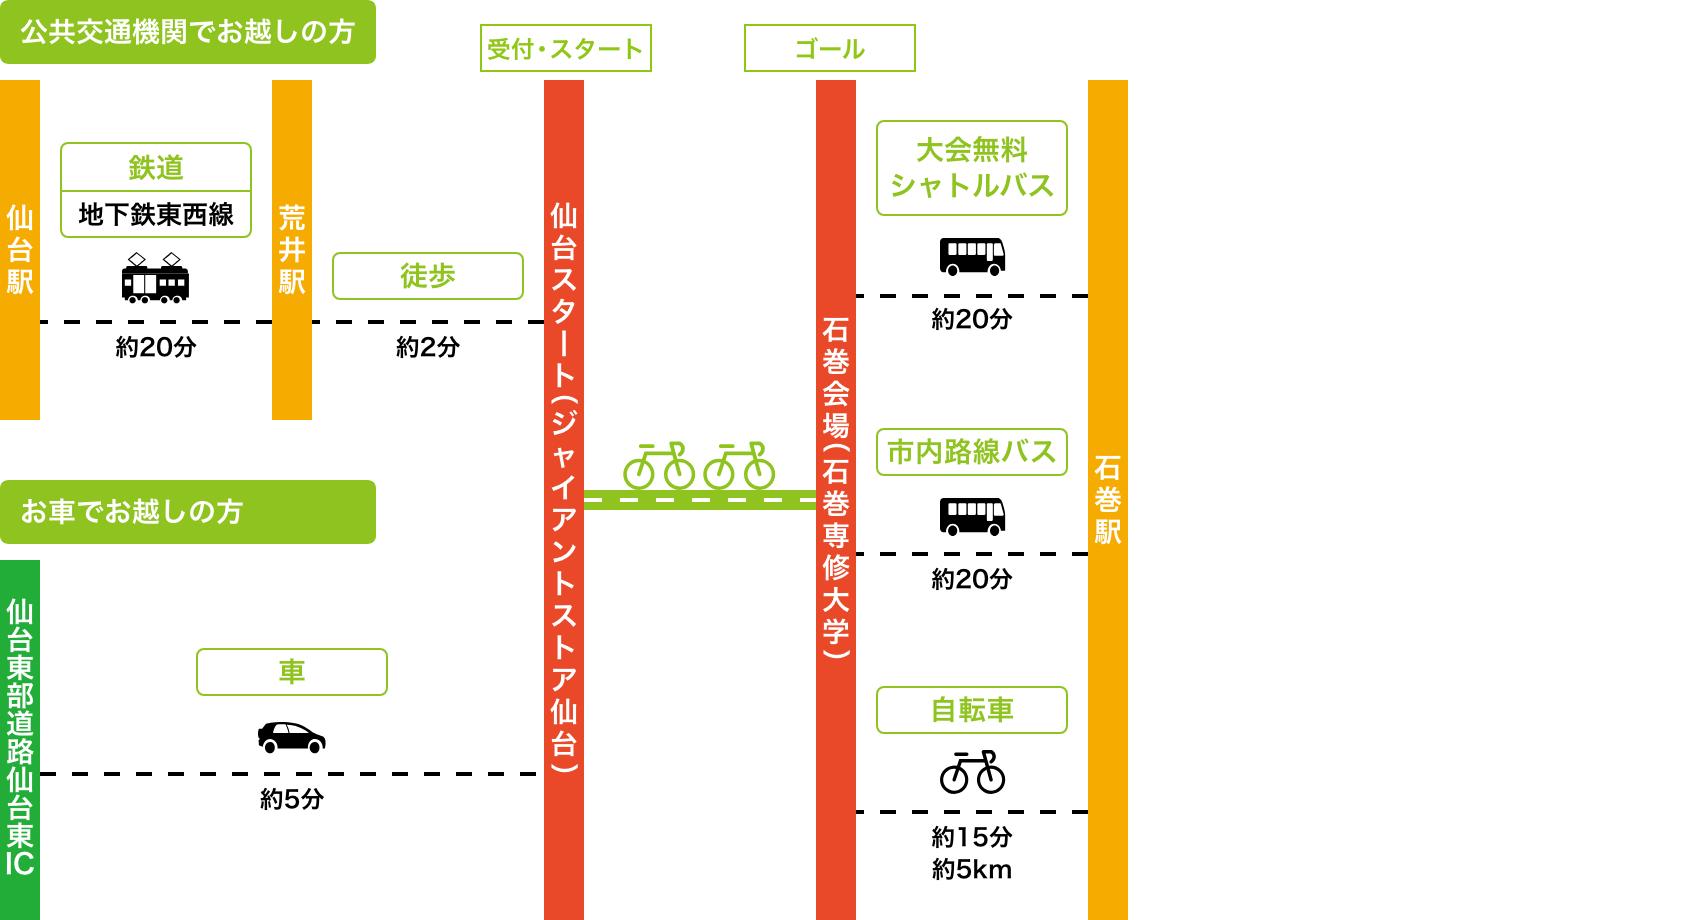 仙台スタートへのアクセス図